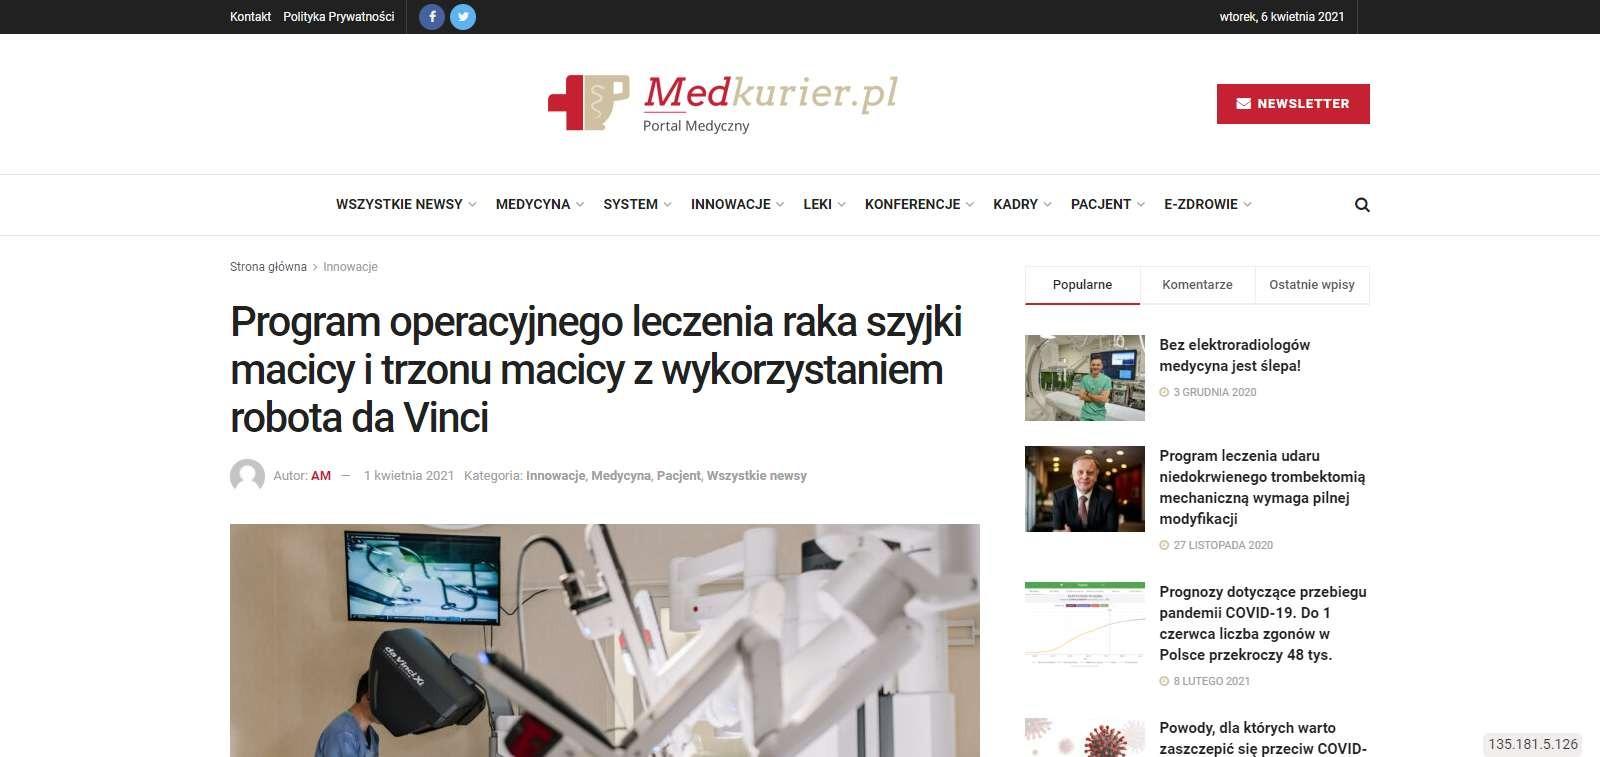 program operacyjnego leczenia raka szyjki macicy i trzonu macicy z wykorzystaniem robota da vinci